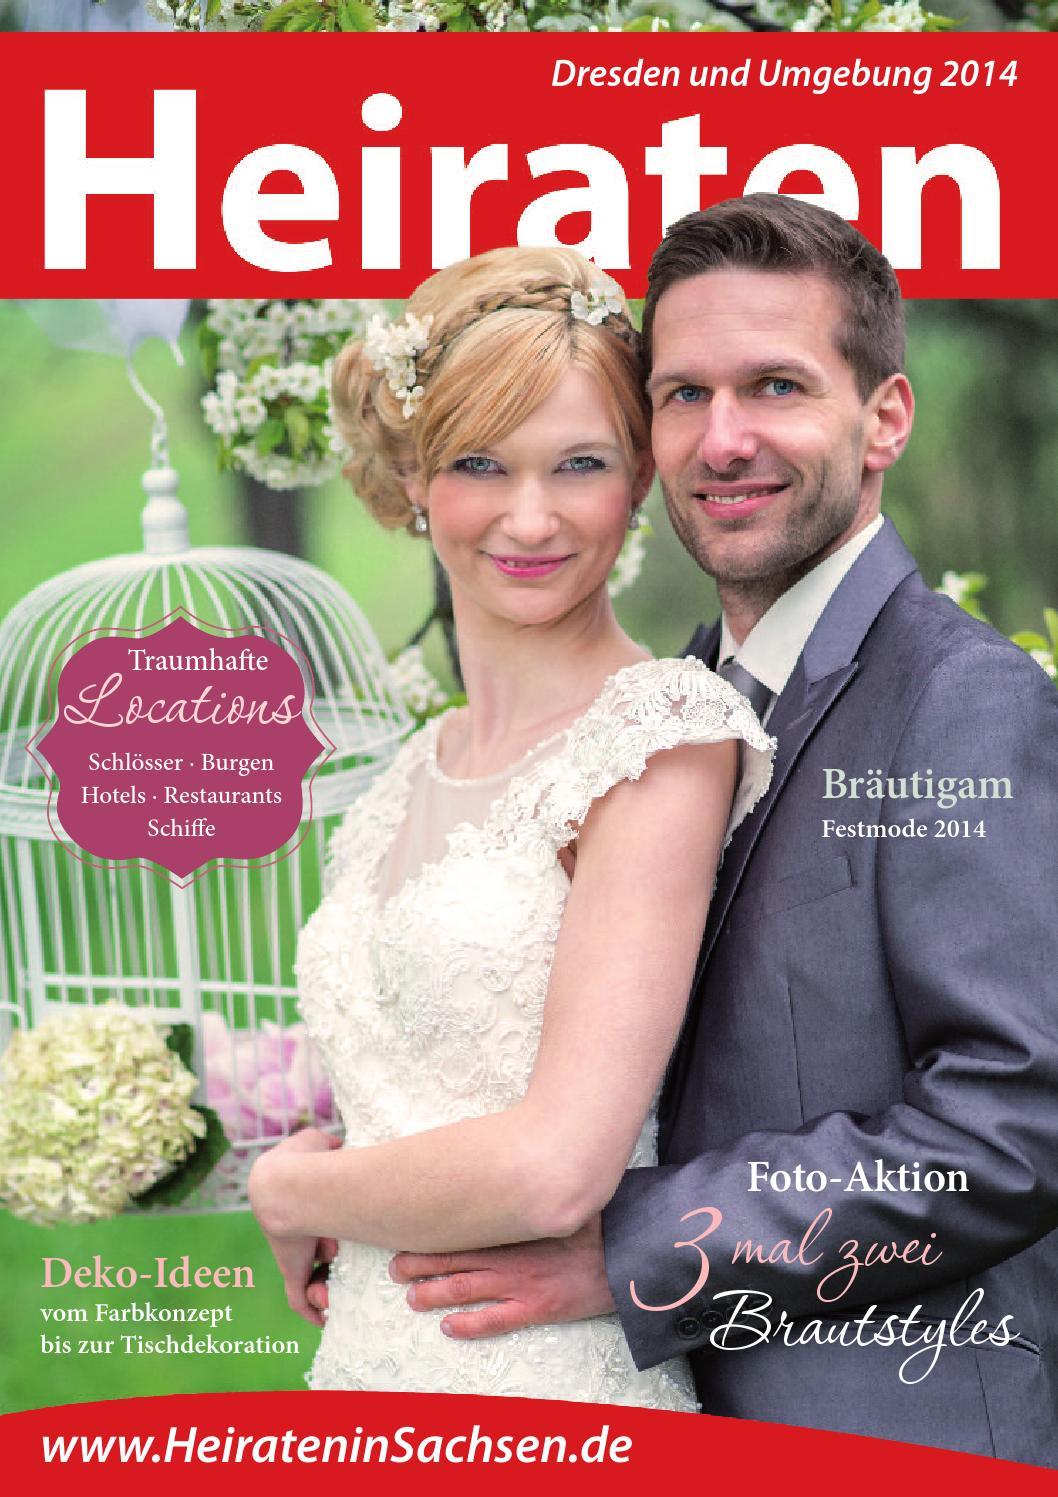 Heiraten in Dresden und Umgebung 2014 by Werbung & Satz Fendler - issuu